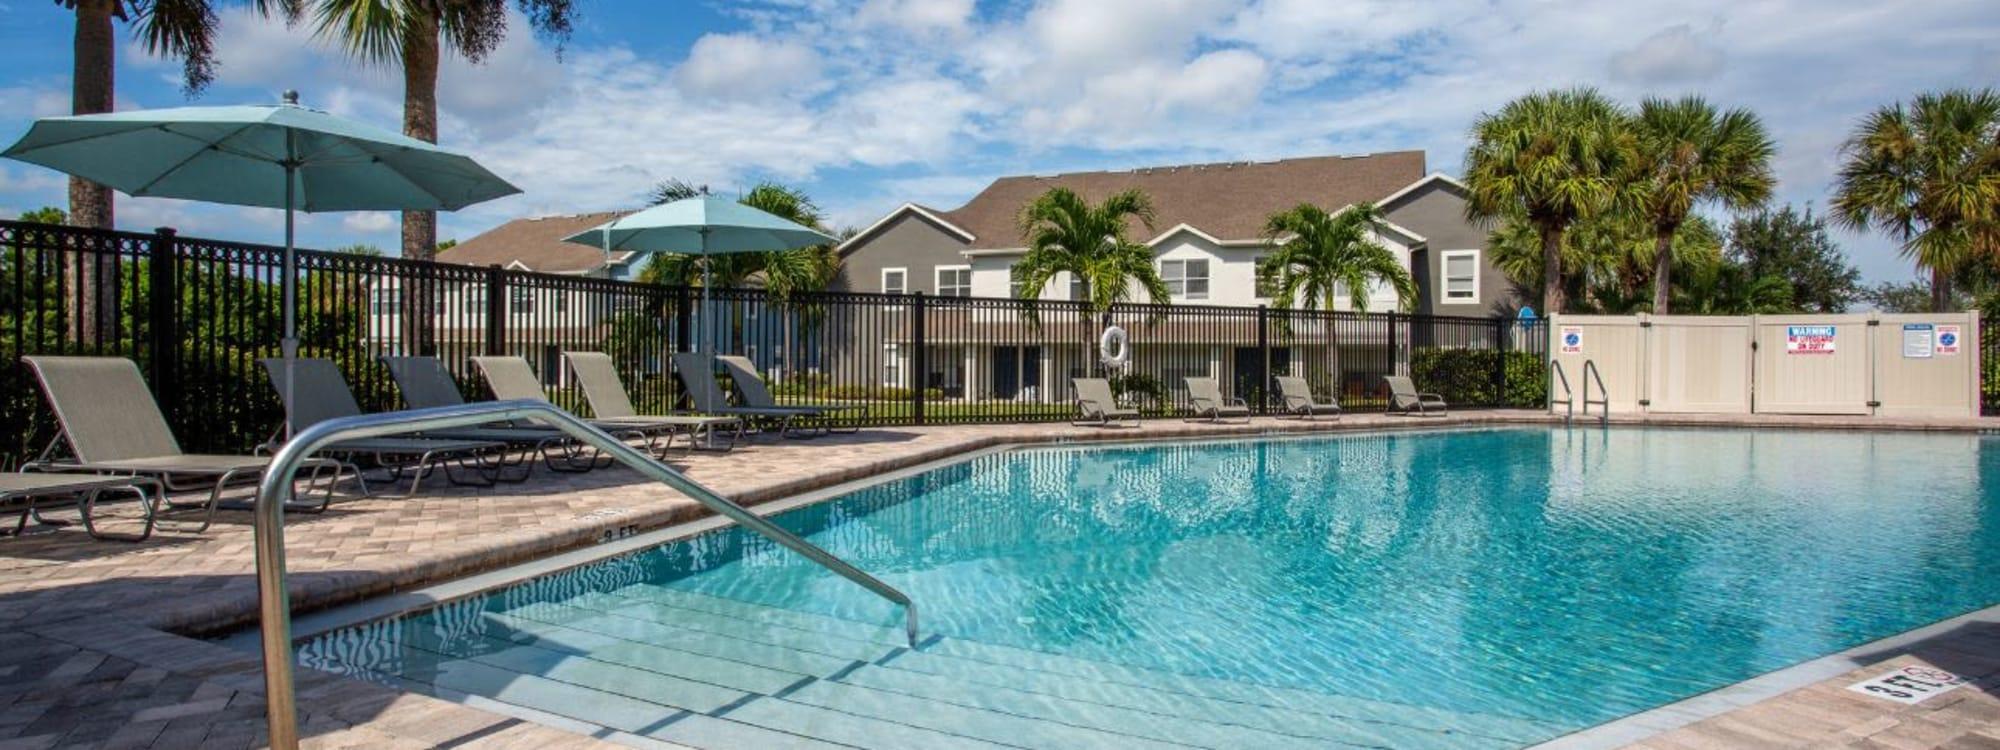 Photos of Calais Park Apartments in St Petersburg, Florida